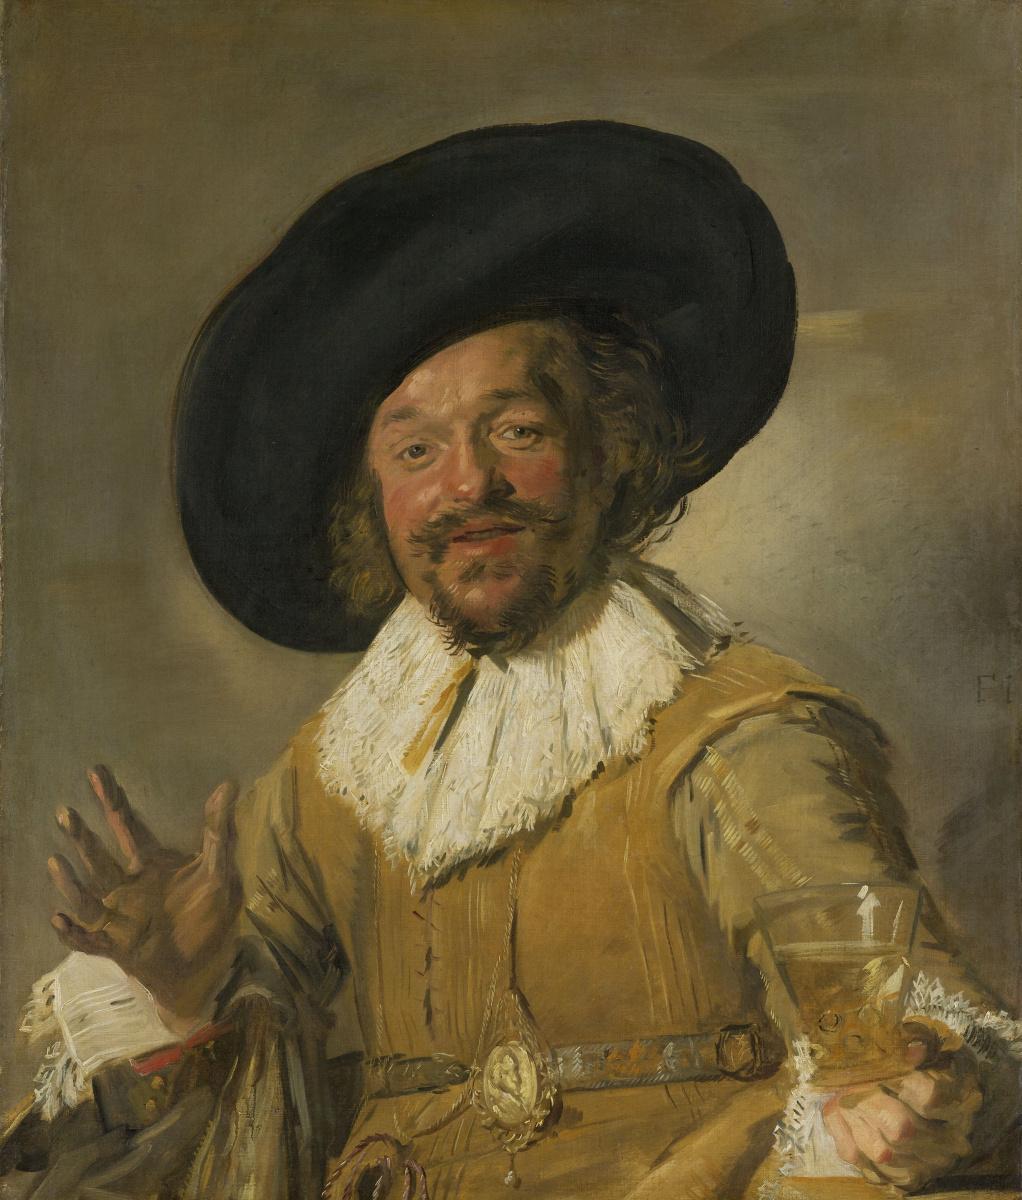 Frans Hals. Gay PAL